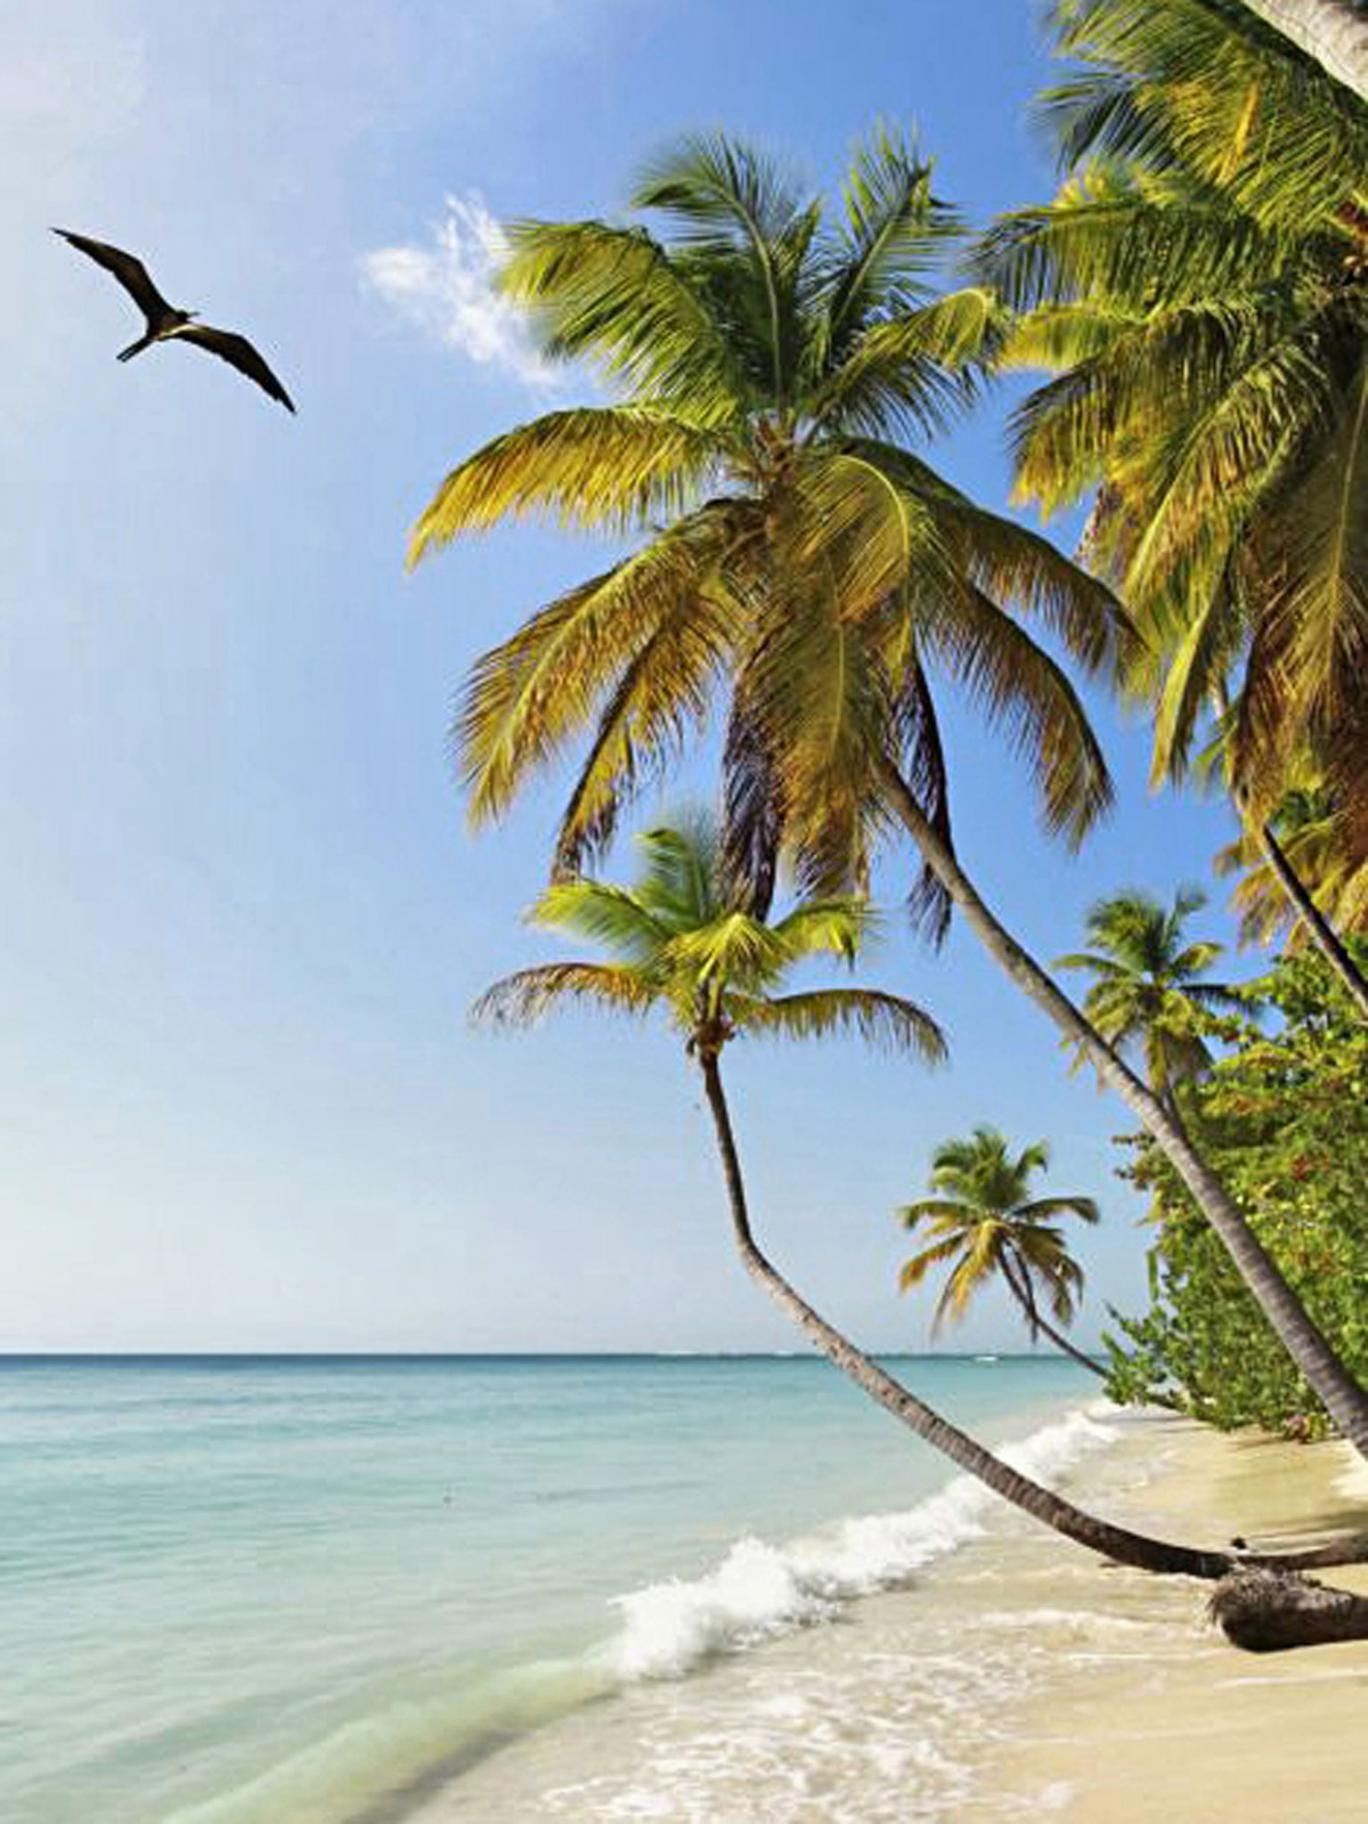 Winter wonderland: spending Christmas in Tobago felt radical for Malone